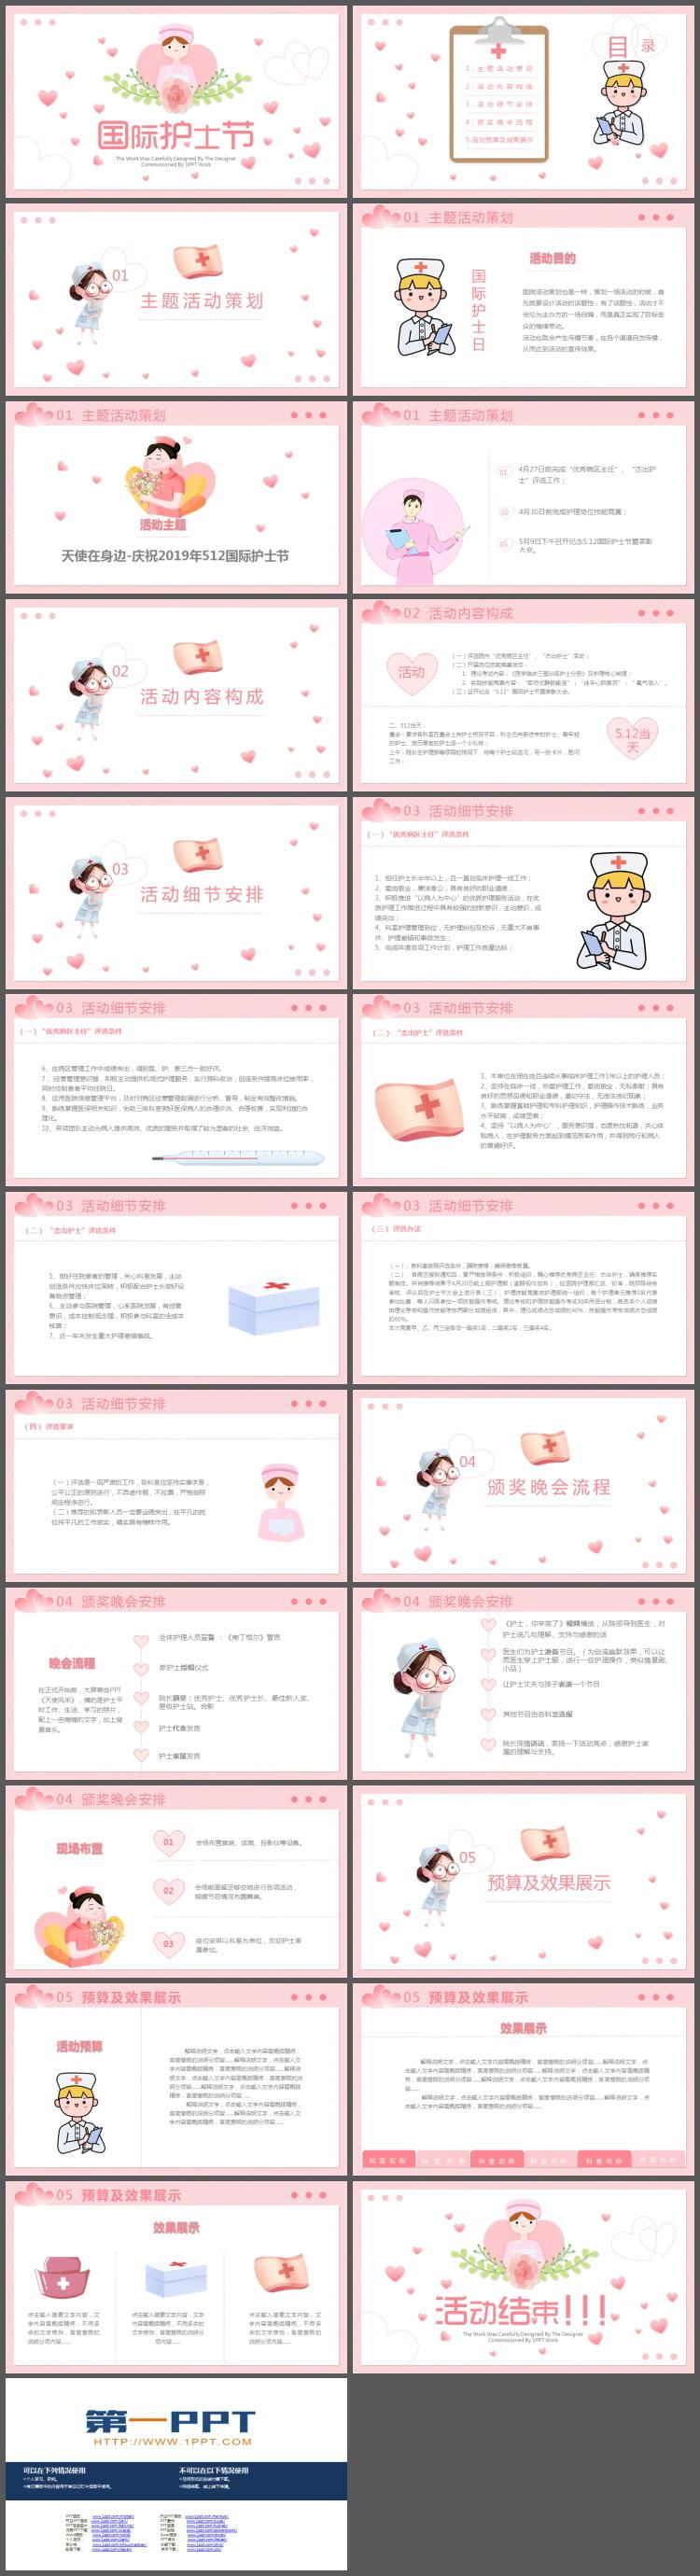 粉色护士背景的国际护士节活动策划方案PPT模板